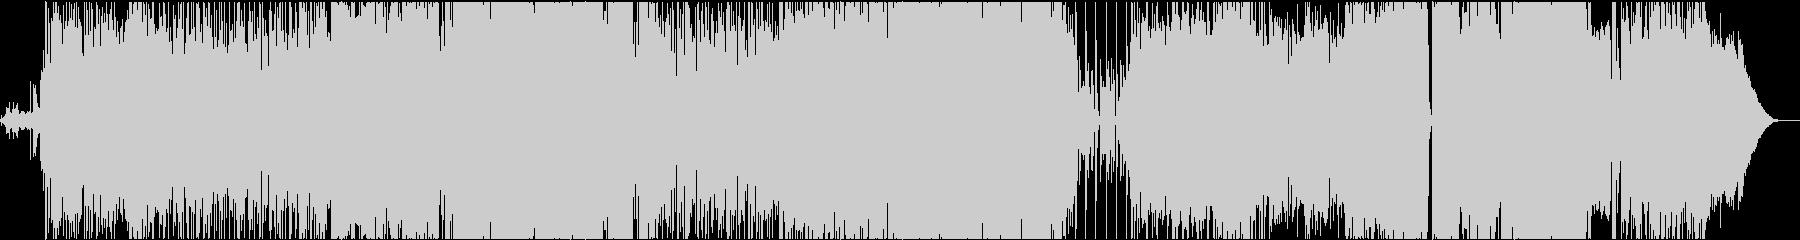 レゲエ調の夏ソングの未再生の波形